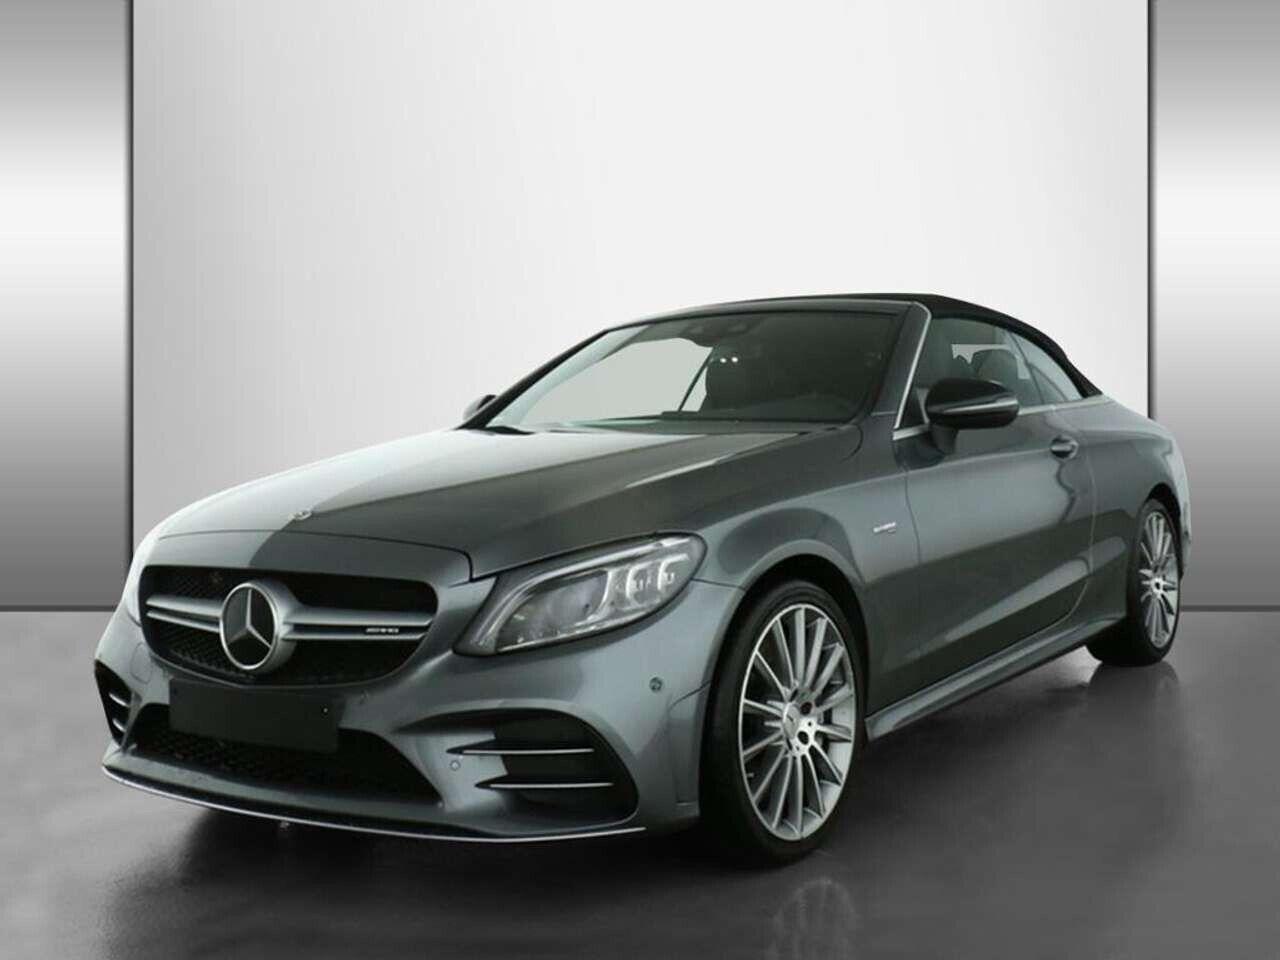 Mercedes C43 3,0 AMG Cabriolet aut. 4-M 2d - 3.999 kr.